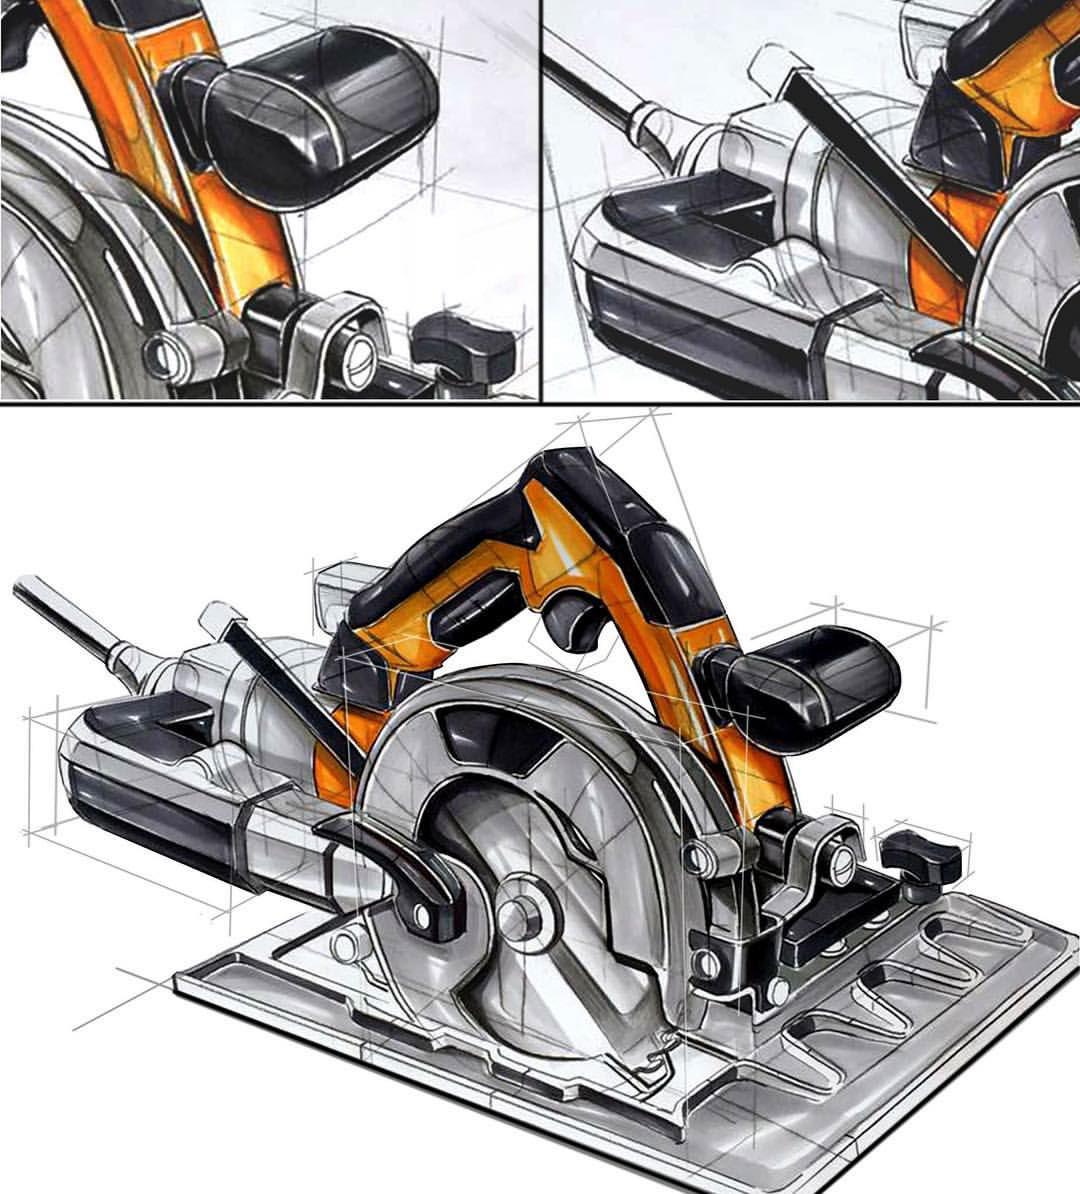 industrail design sketch marker rendering tutorial on behance. Black Bedroom Furniture Sets. Home Design Ideas